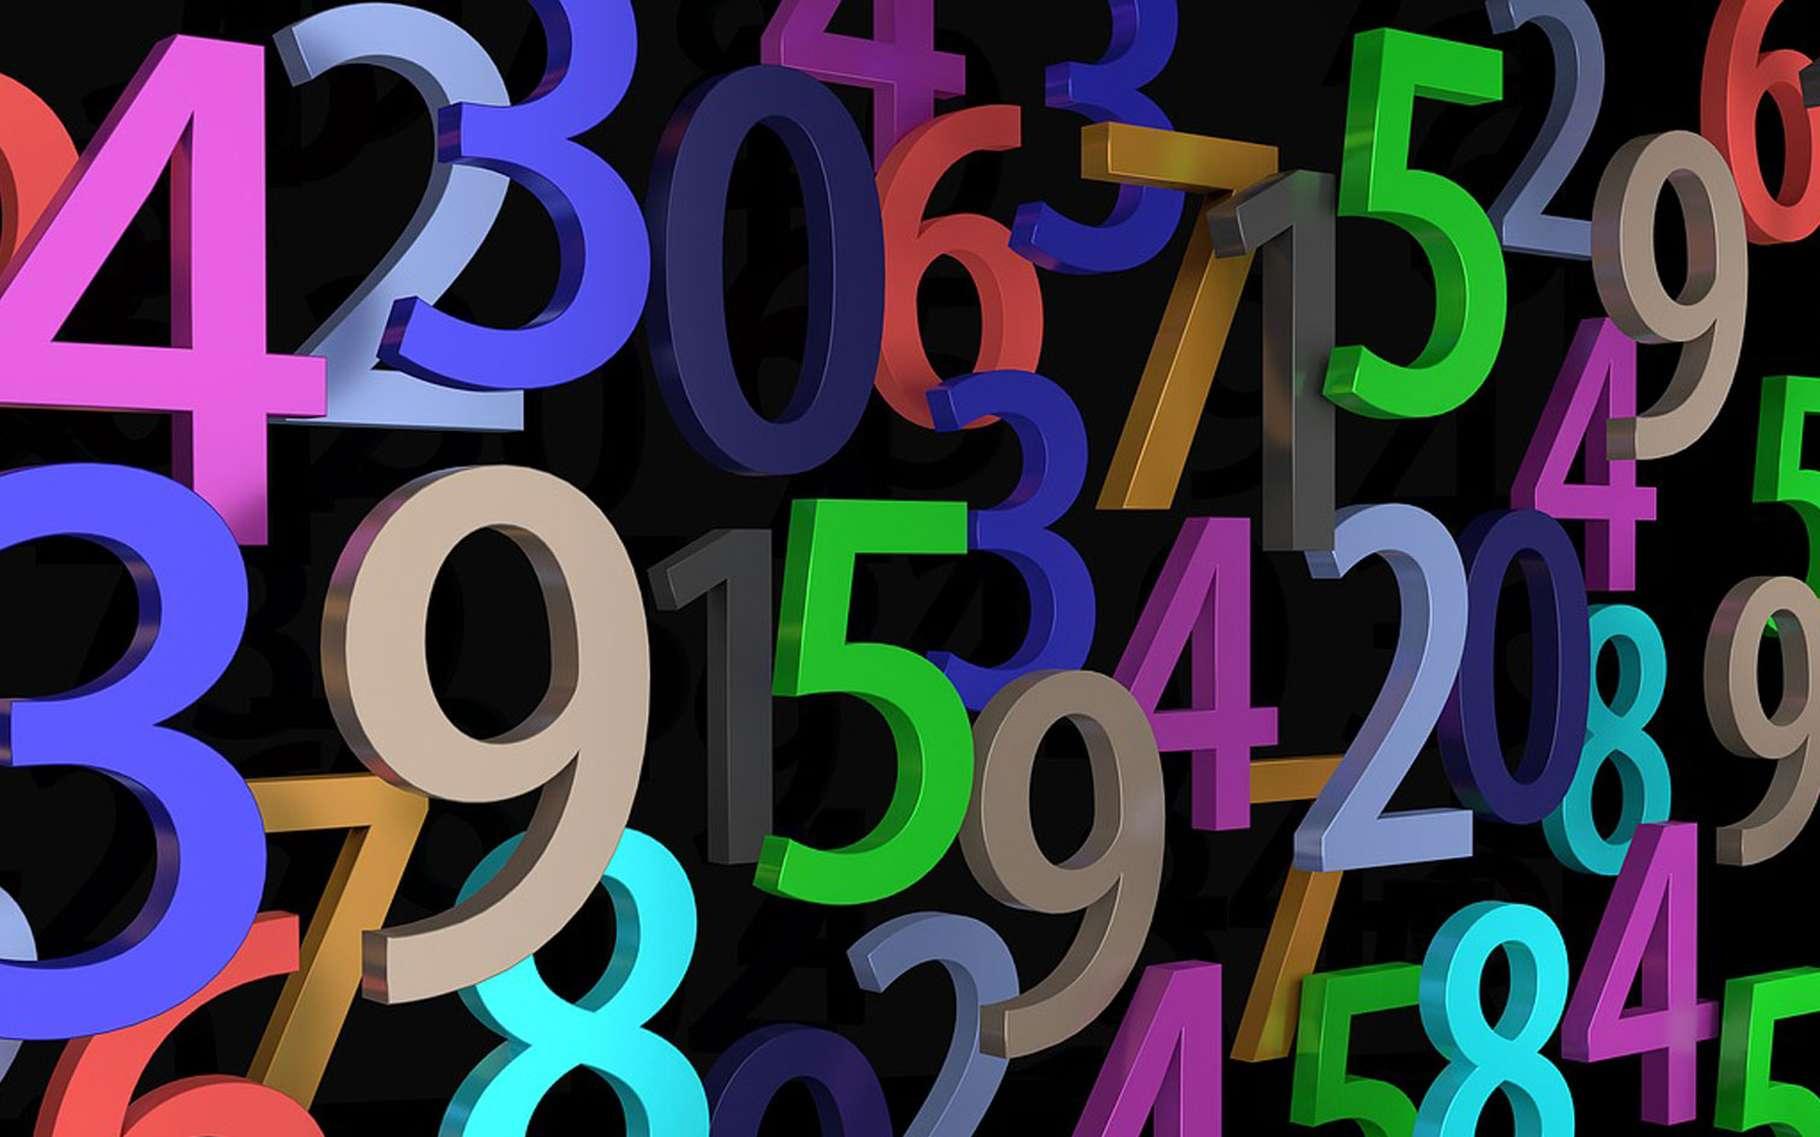 Jeu Mathématique : Ce Nombre Est Possible, Cet Autre pour Jeux De Matematique